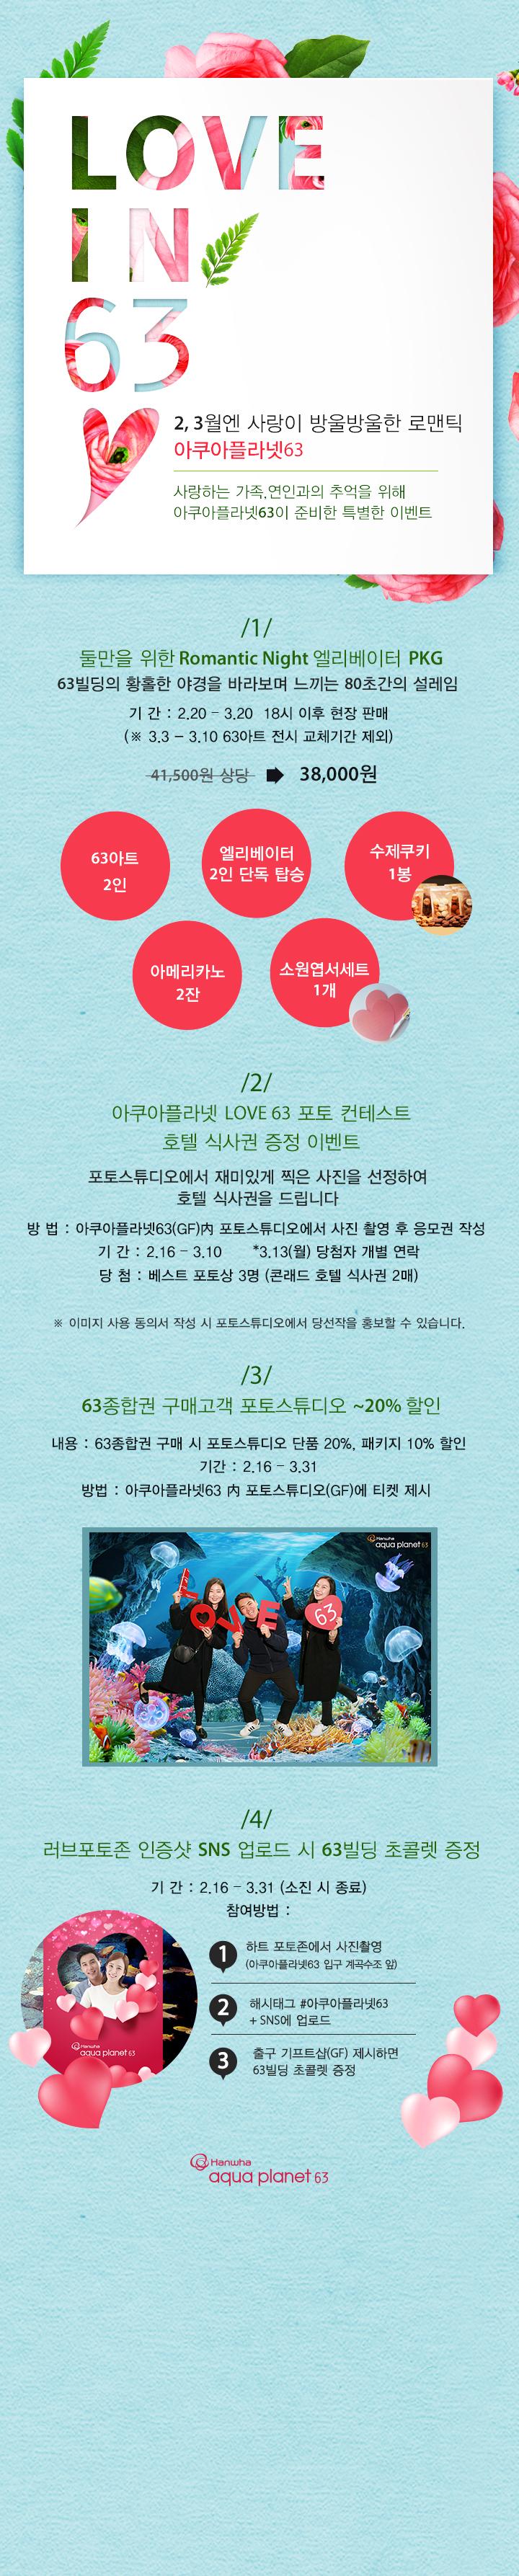 2,3월엔 사랑이 방울방울한 로맨틱 아쿠아플라넷63